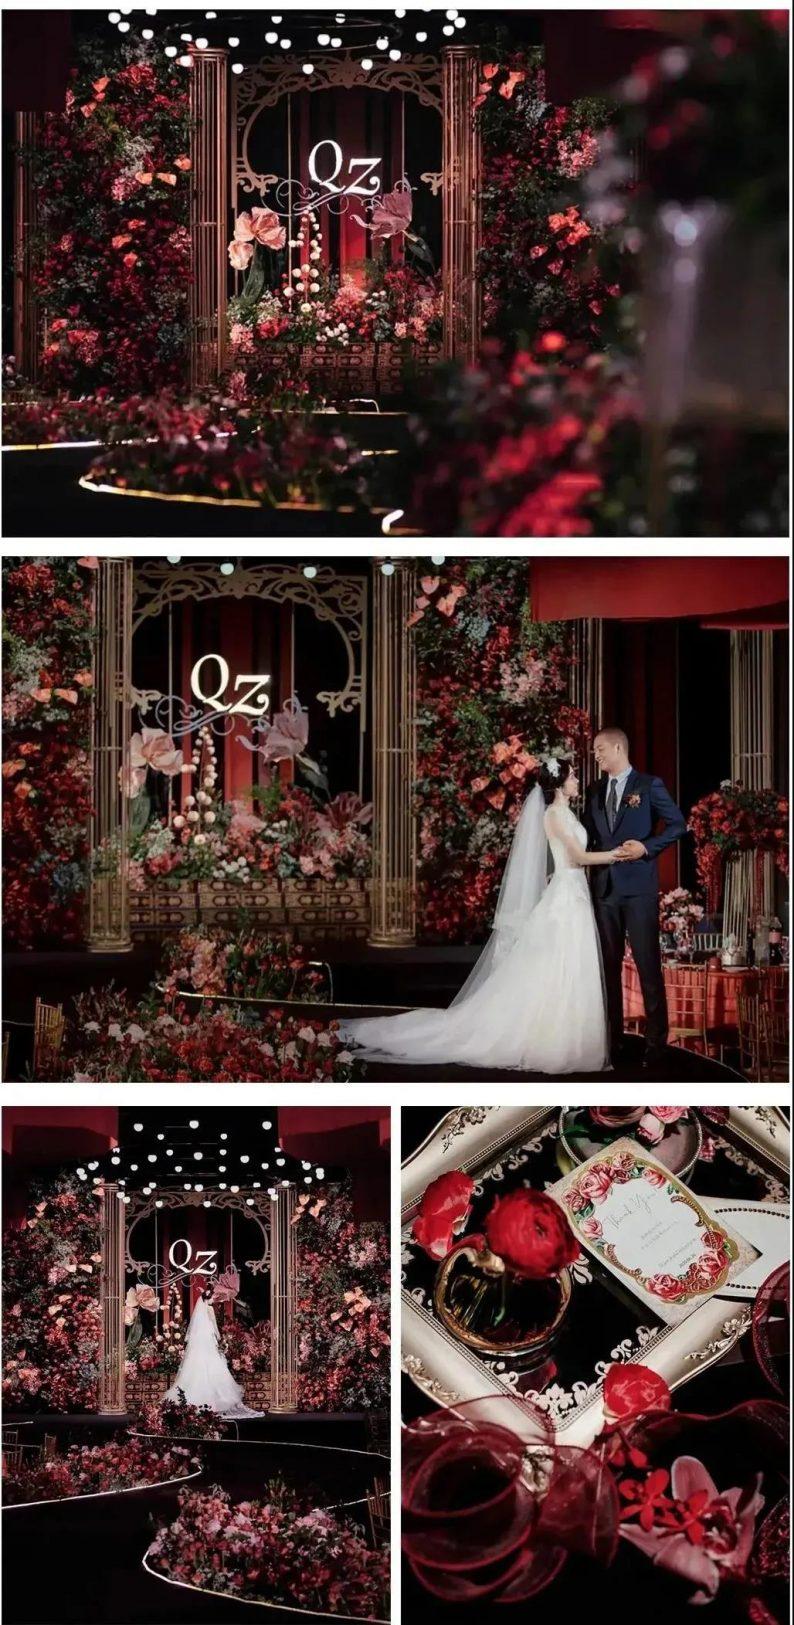 婚礼堂发布:5A级历史保护区,天津市中心的英式园林花园  第15张